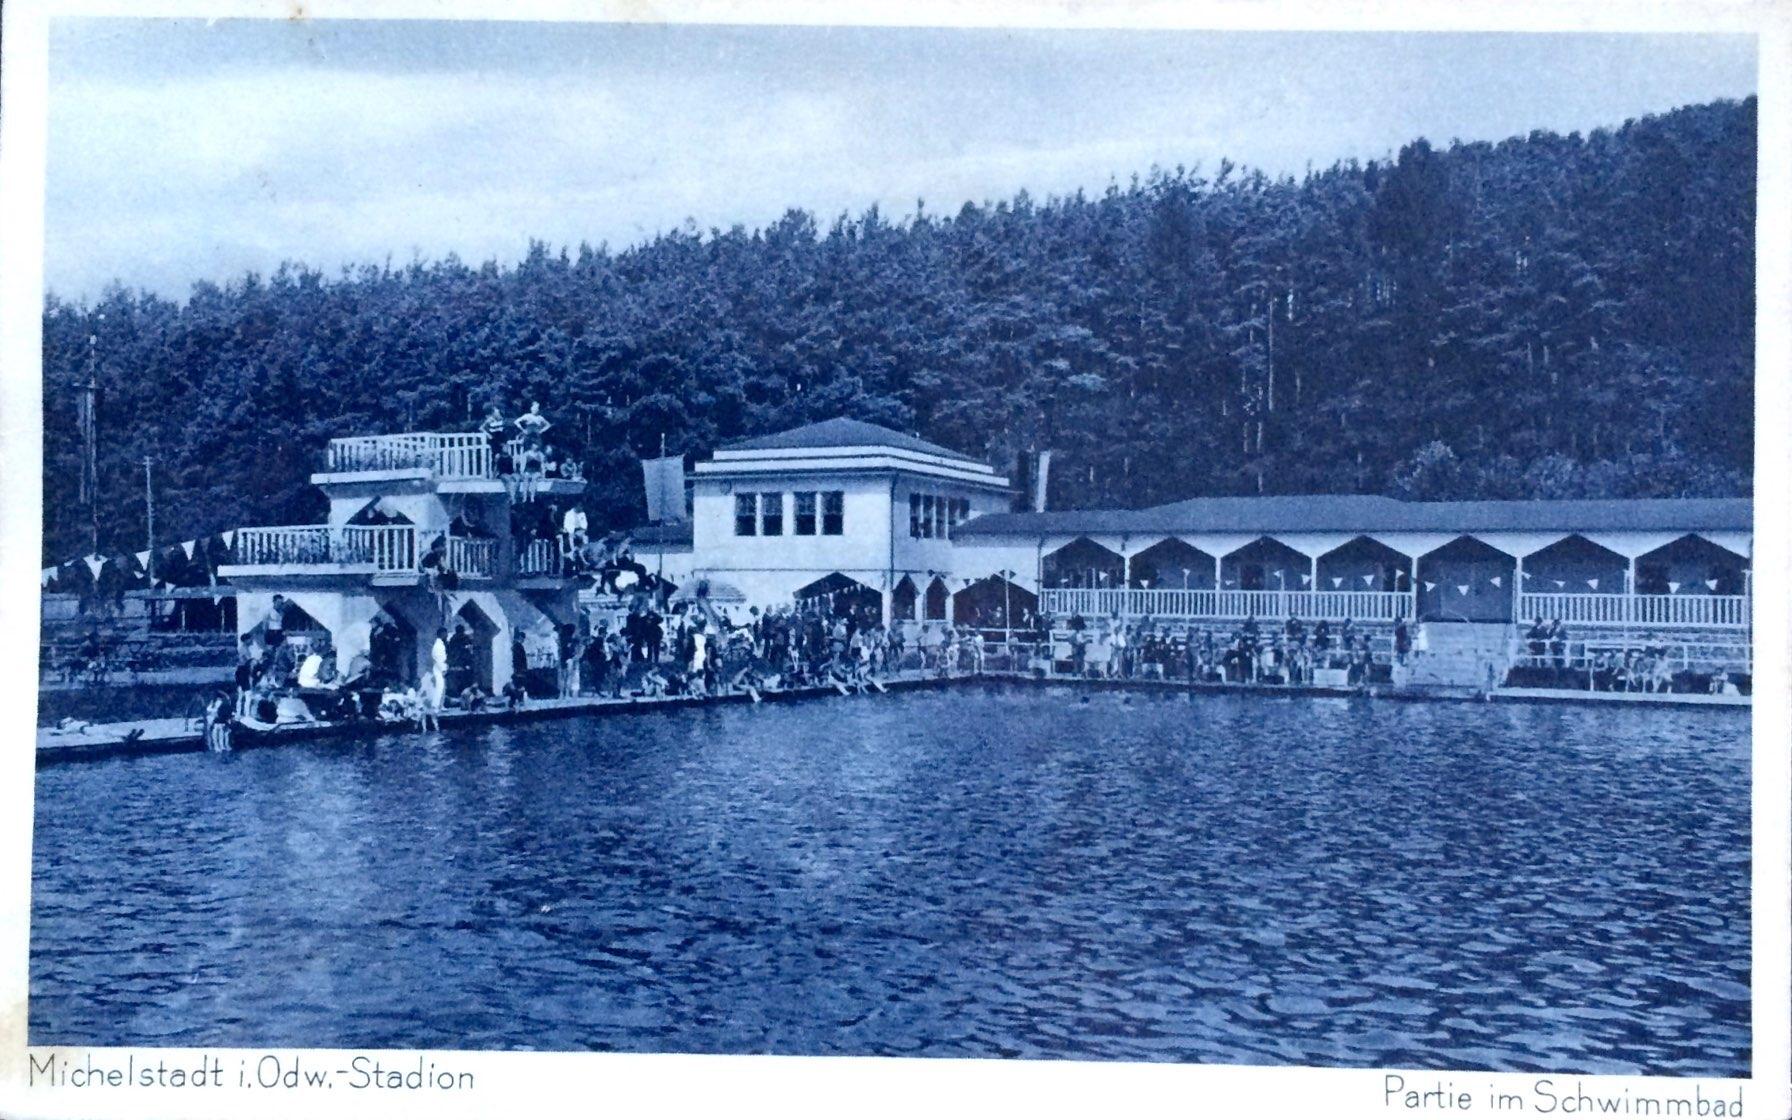 Schwimmbad Alte Ansichten und Korrespondenz aus dem Odenwald Wir zeigen Ansichtskarten Briefe Rechnungen und alles alte auf Papier